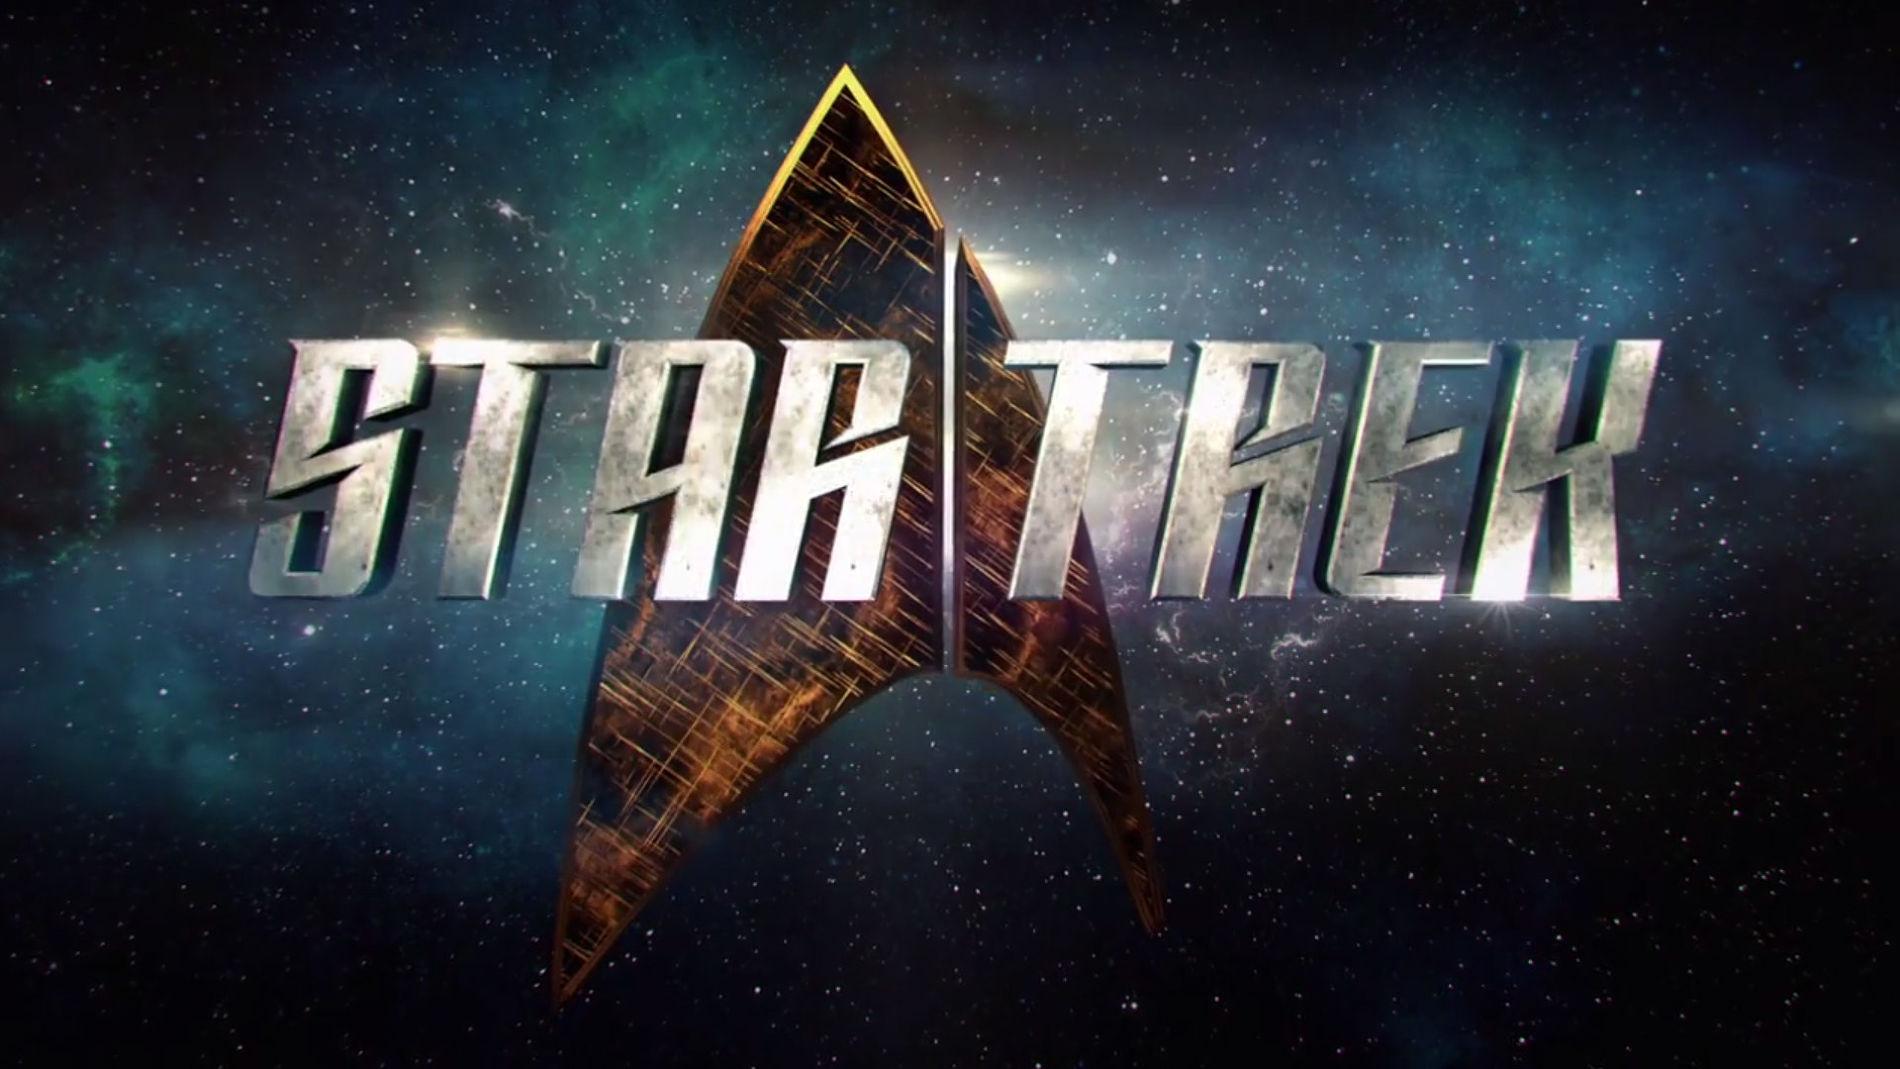 Дебютный трейлер сериала «Звездный путь: Дискавери» (Star Trek: Discovery)